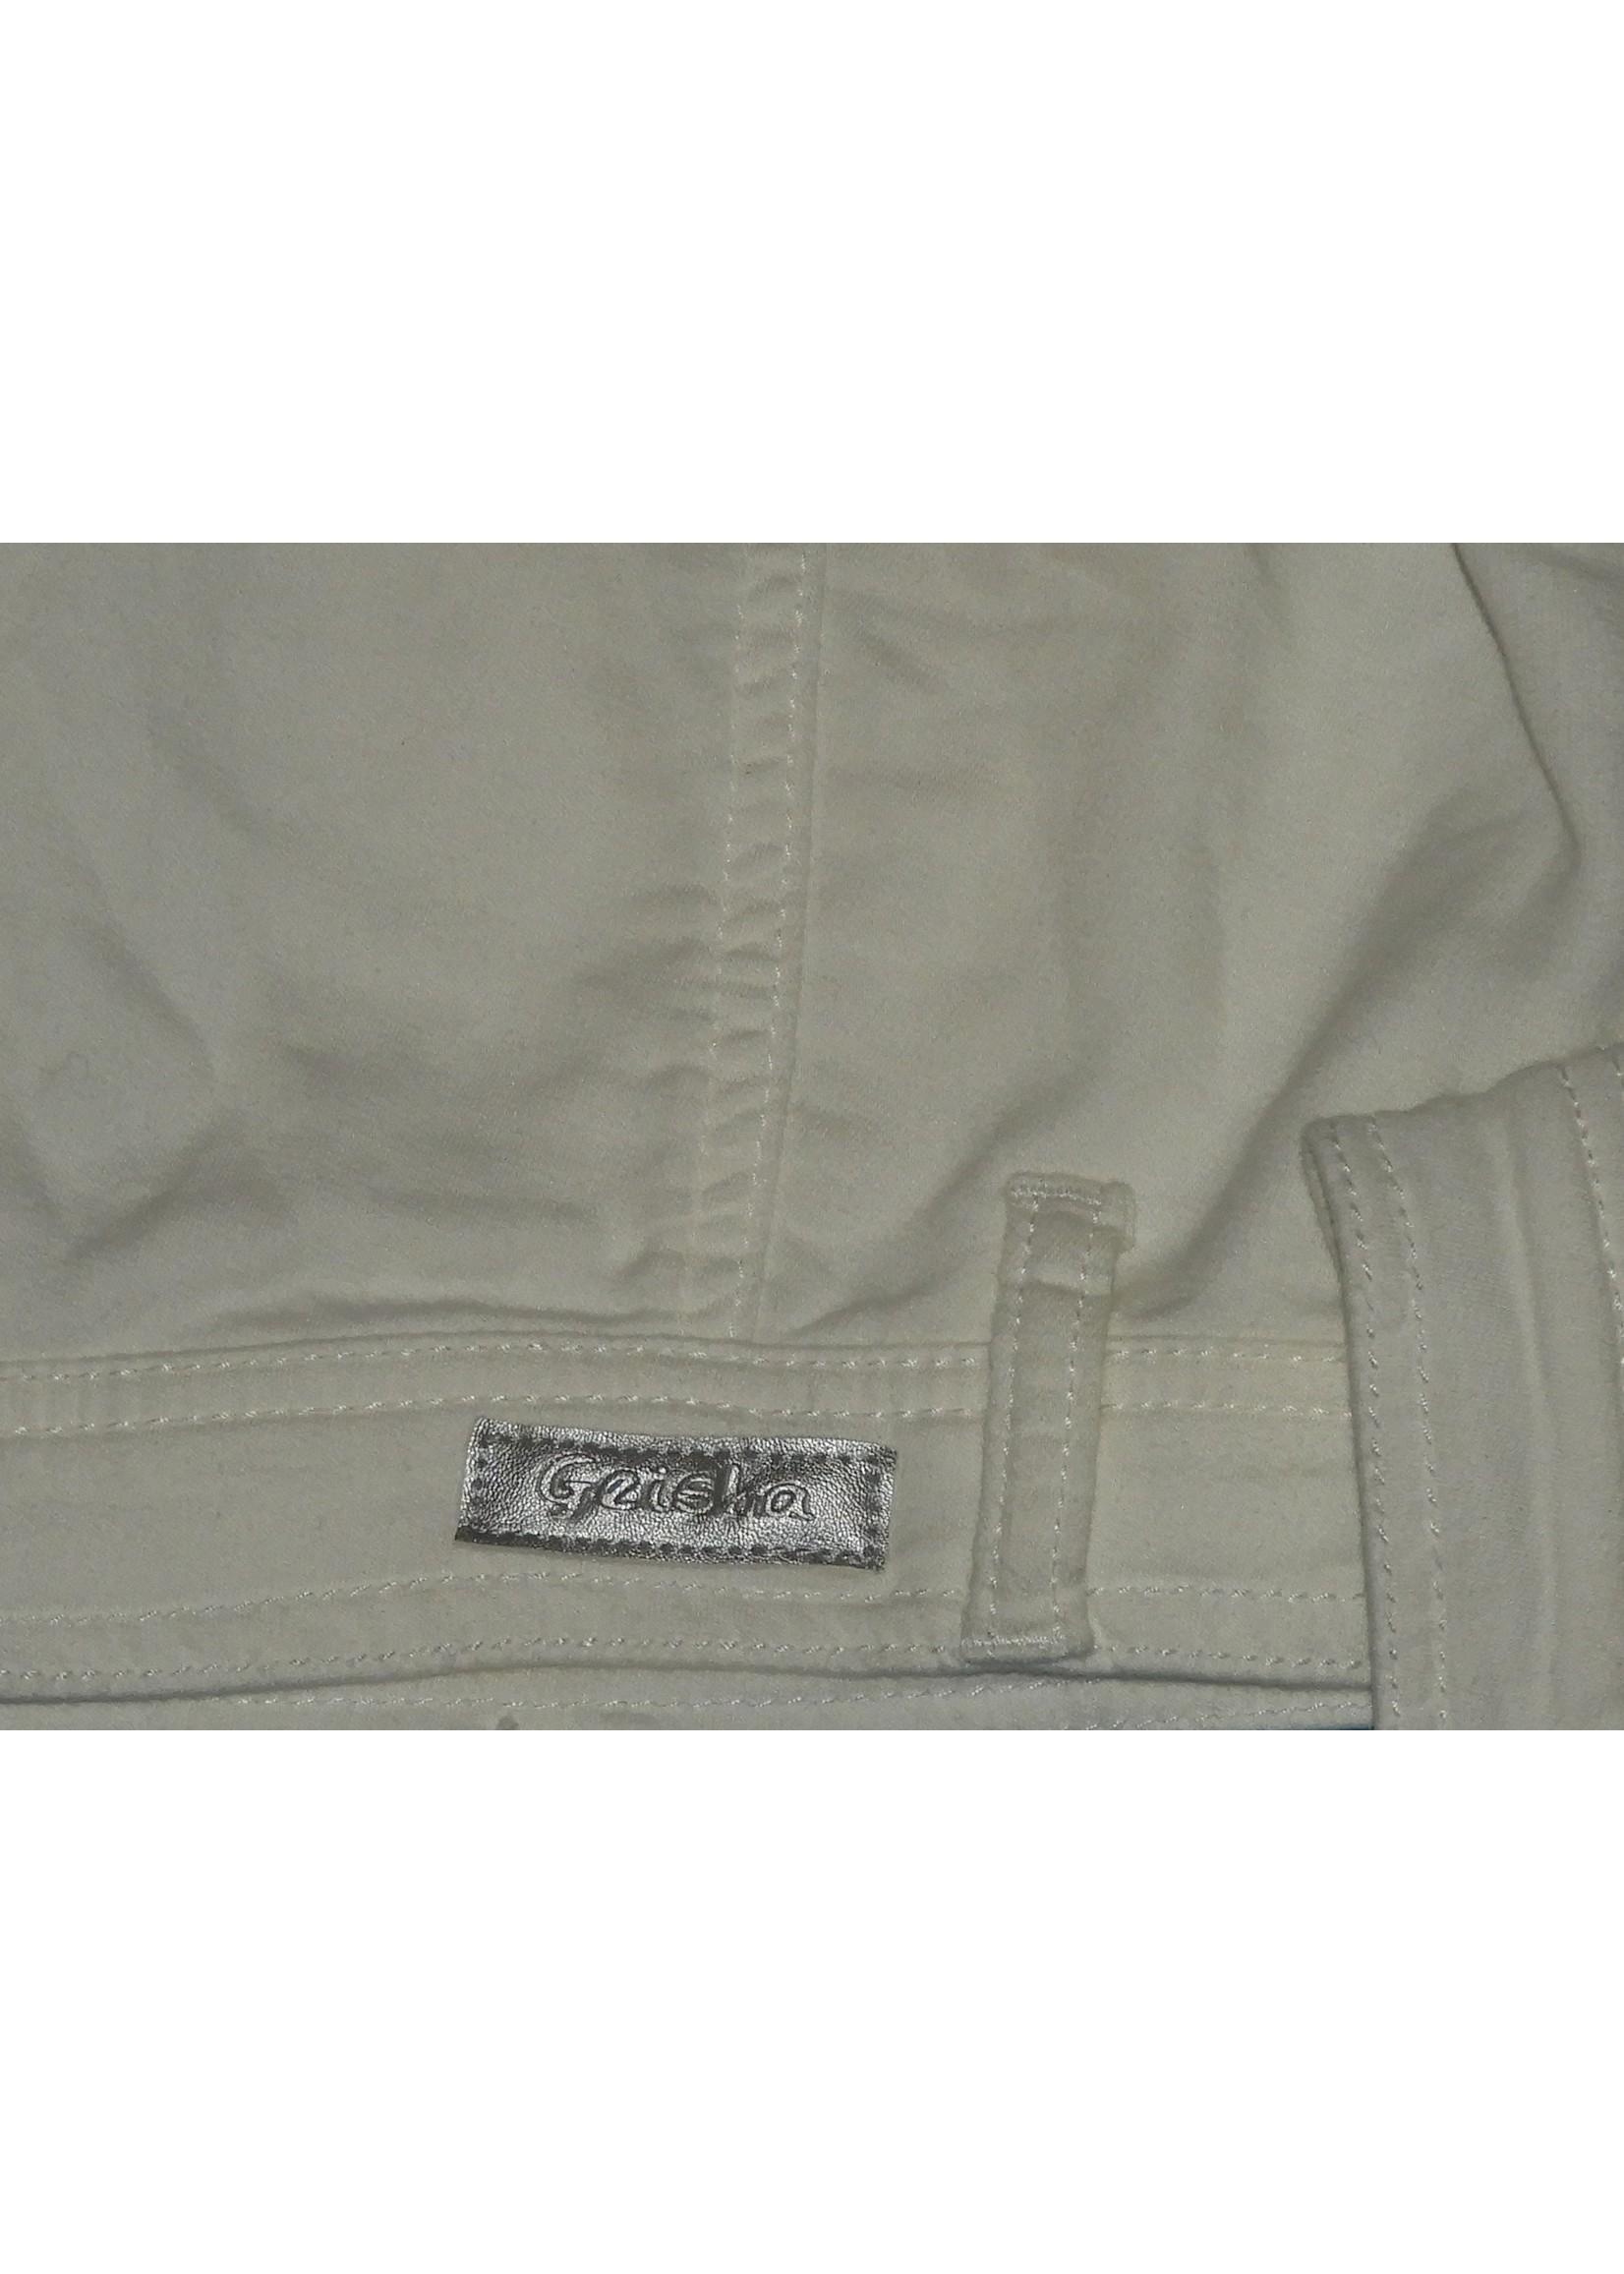 Geisha jogjeans spijkerjack maat XL